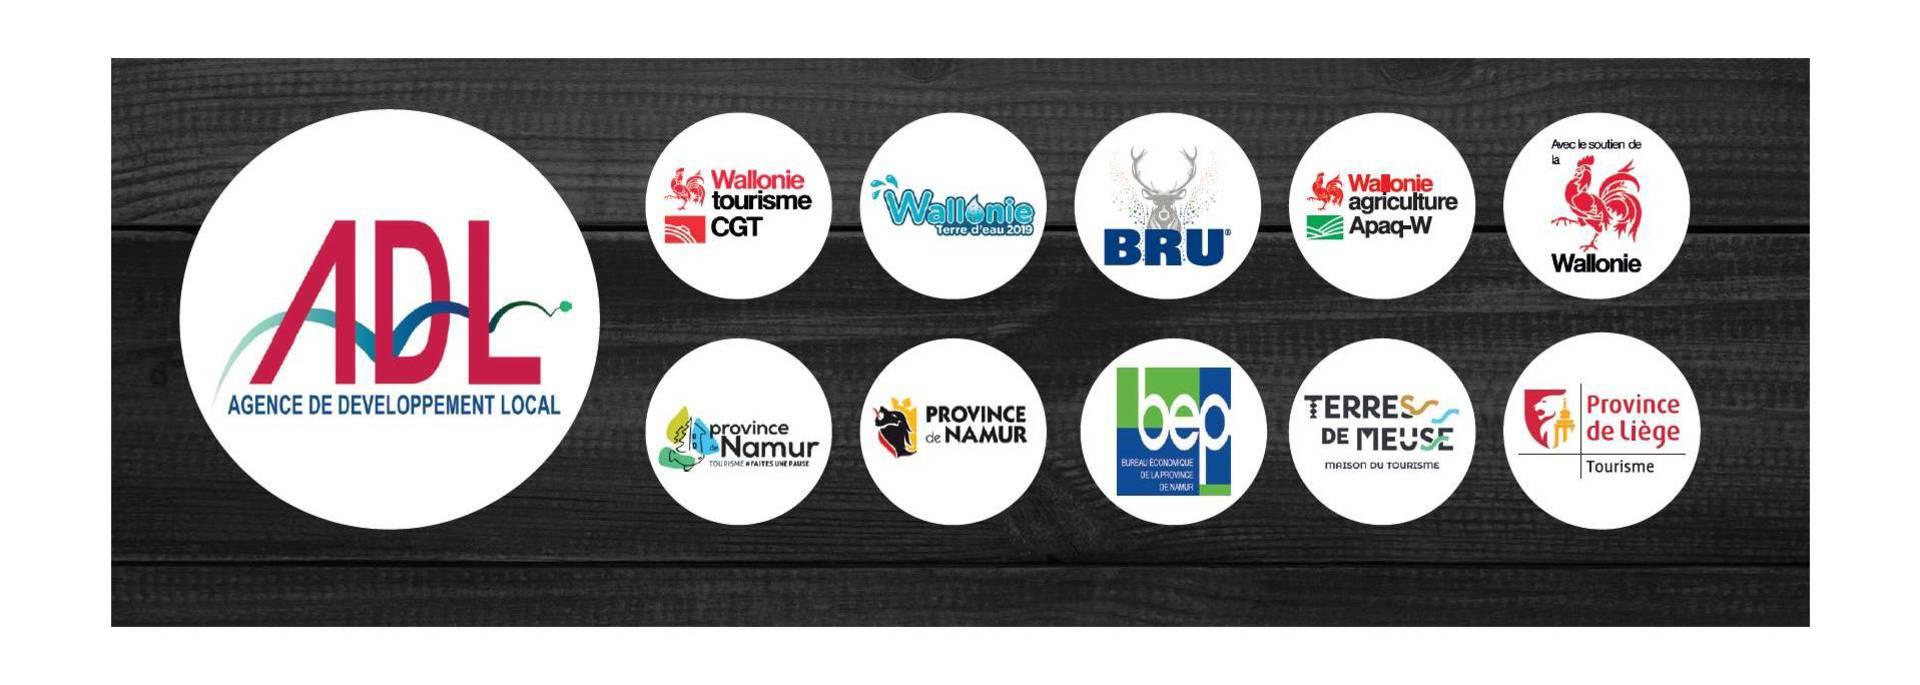 sponsor-tables-00.jpg